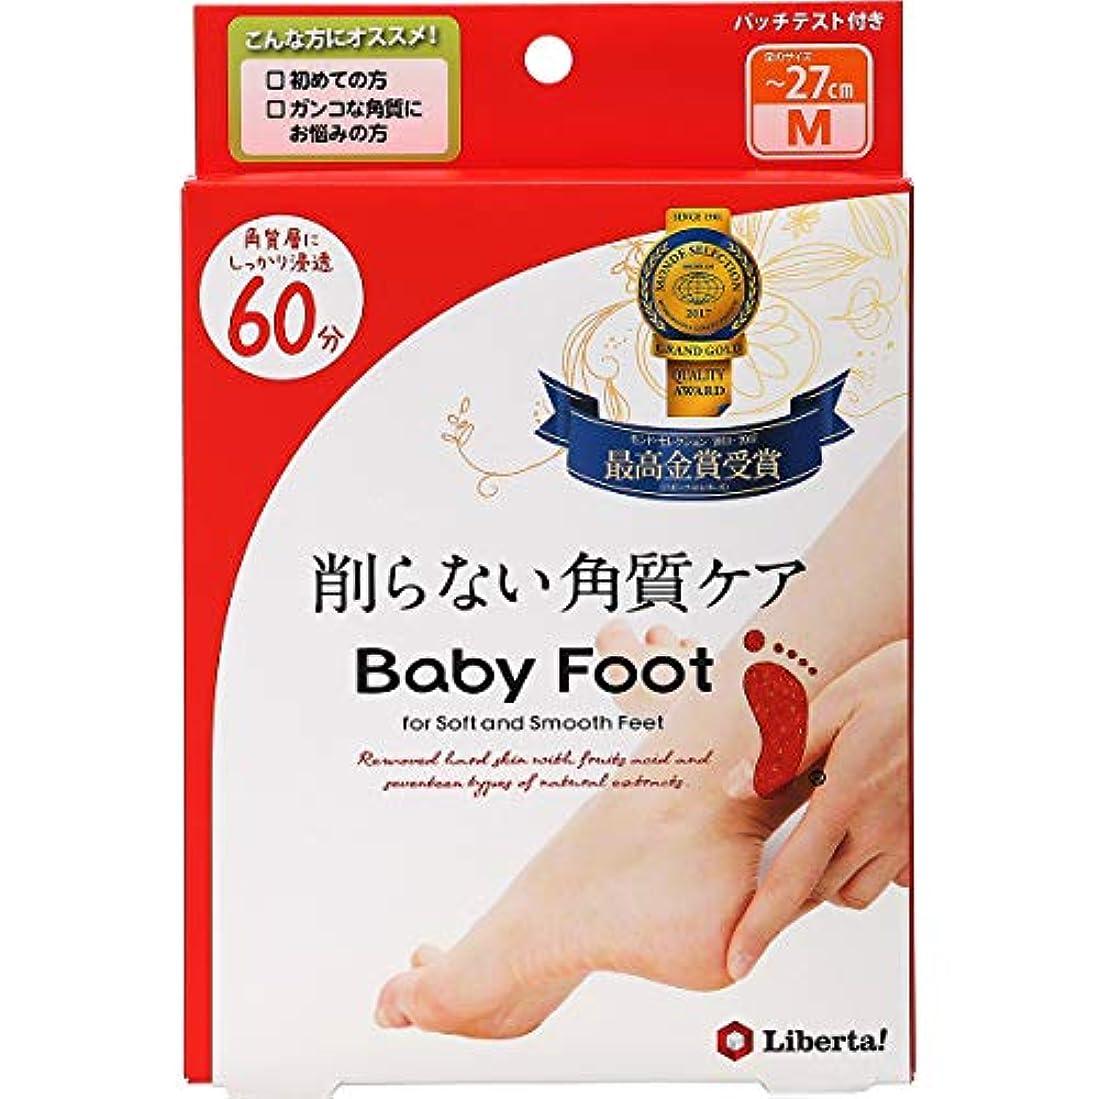 脇に欠陥探すベビーフット (Baby Foot) ベビーフット イージーパック SPT60分タイプ Mサイズ 単品